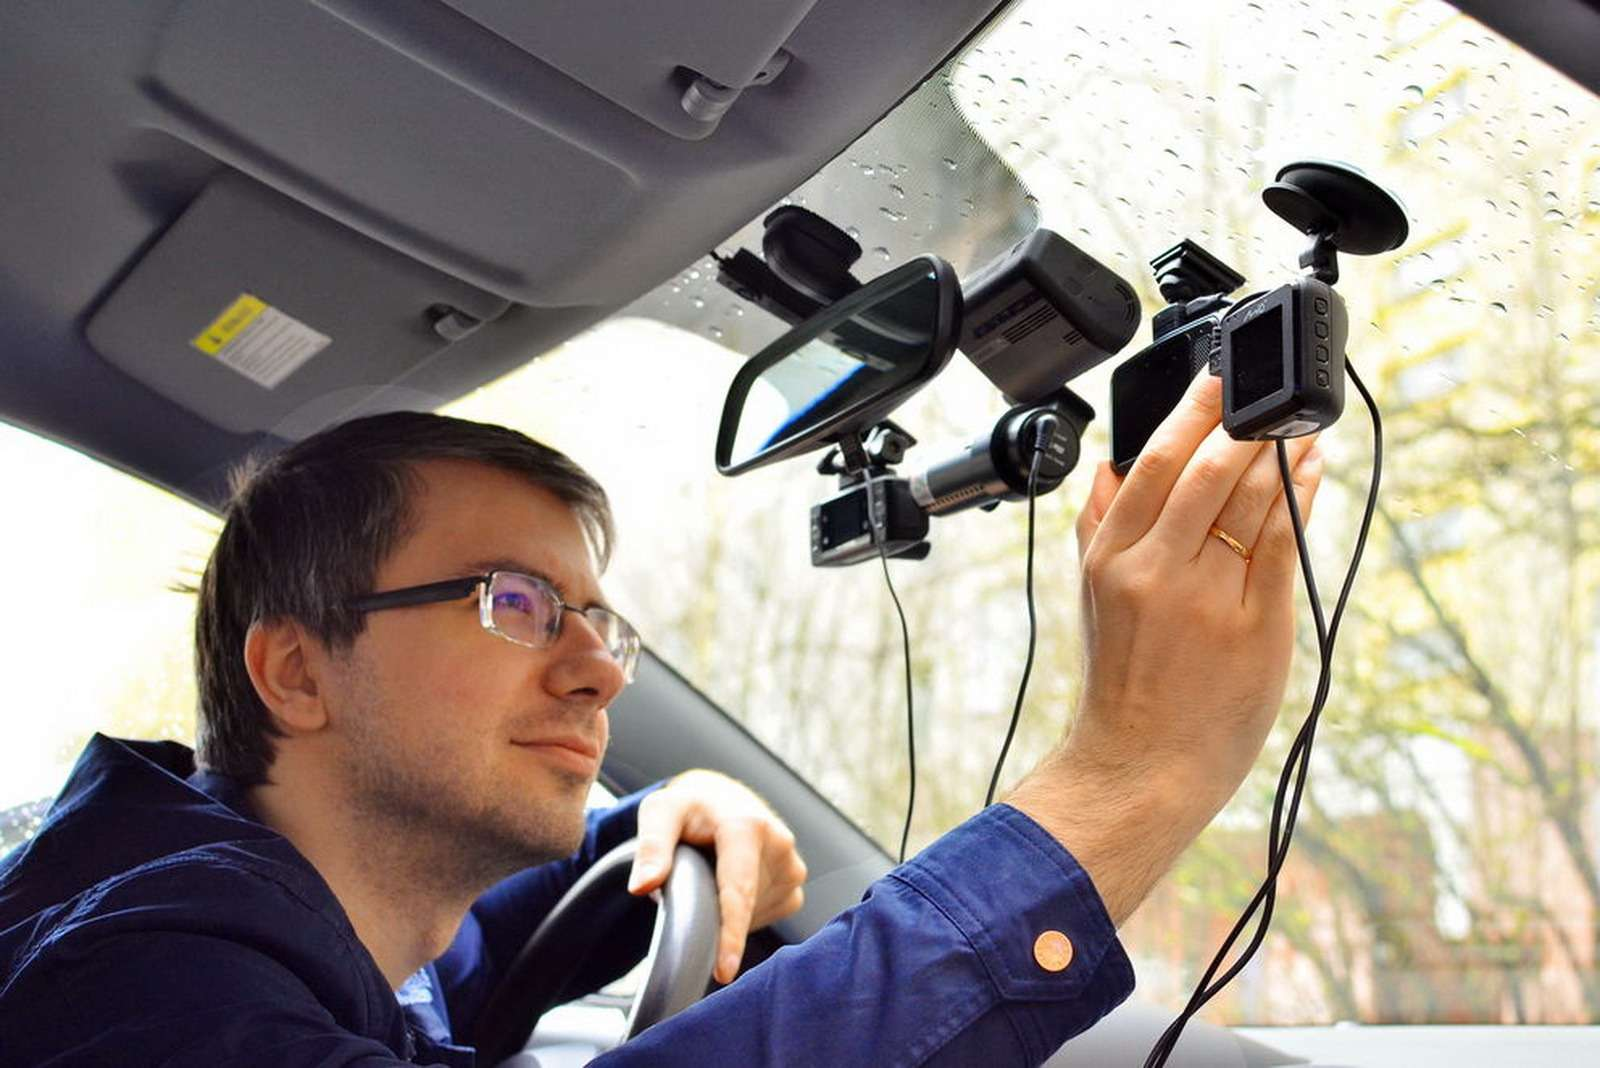 Смартфон или видеорегистратор— что использовать длясъемки? Тест ЗР— фото 916453